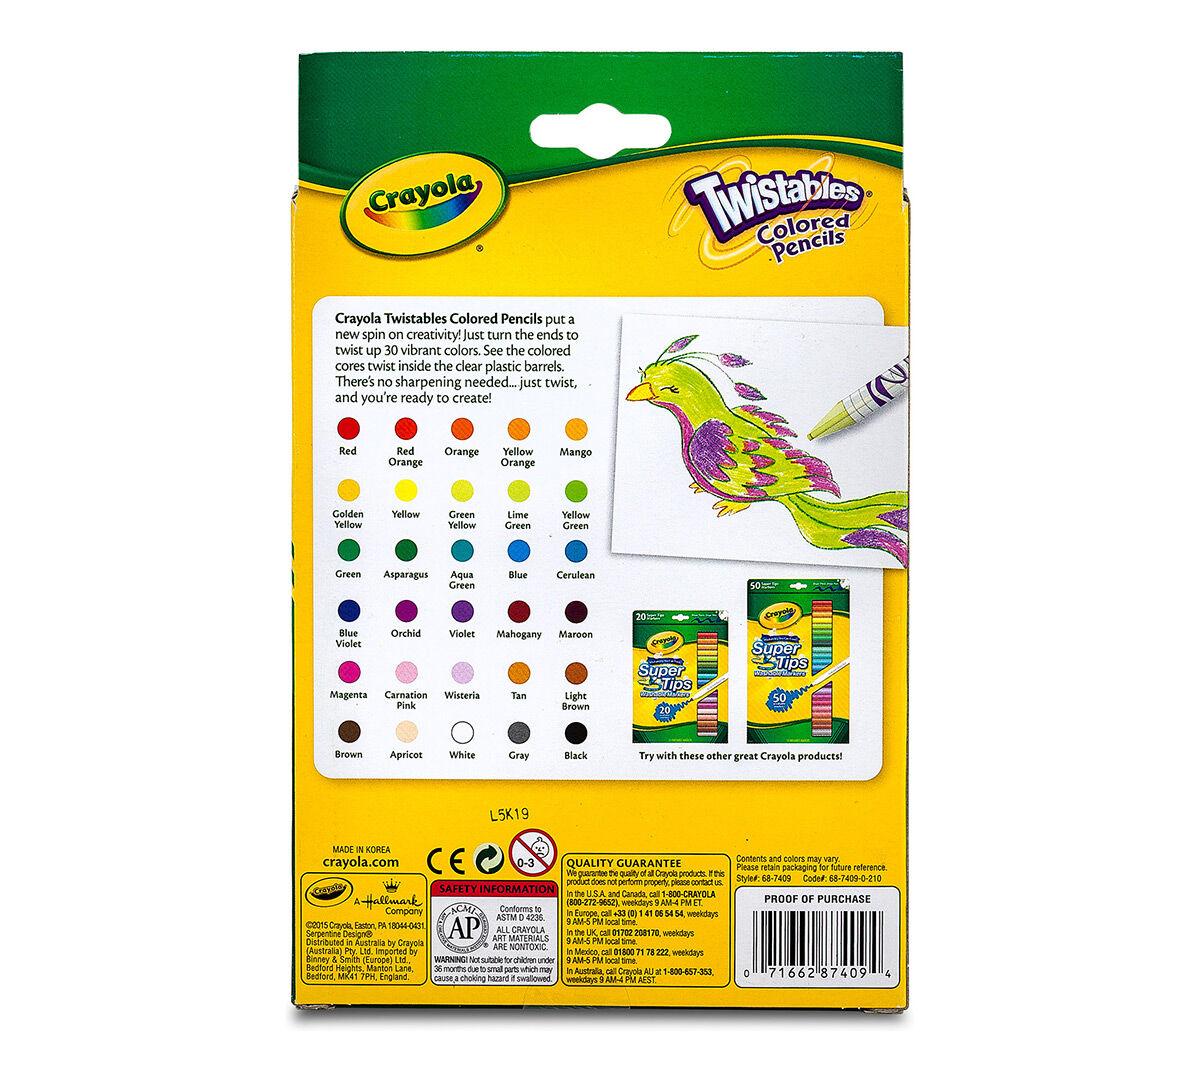 Twistables Colored Pencils, 30 Count - Crayola